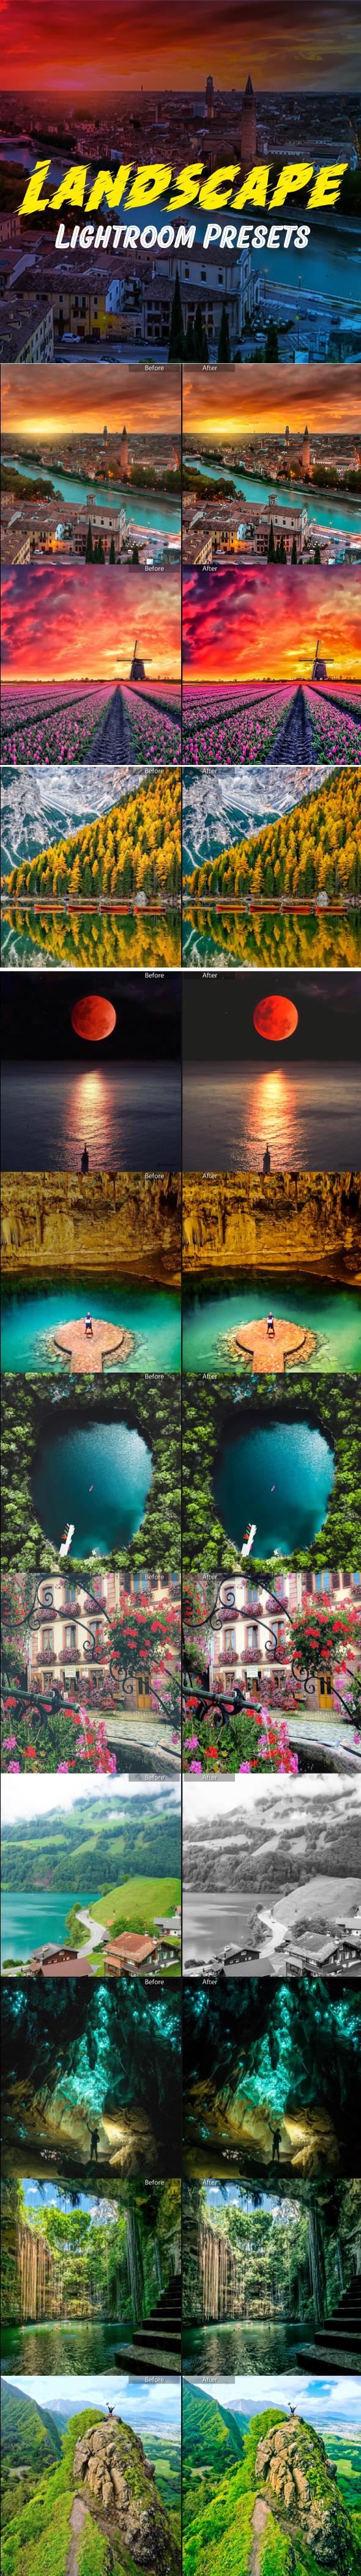 12 Landscape Lightroom Presets - Landscape Lightroom Presets